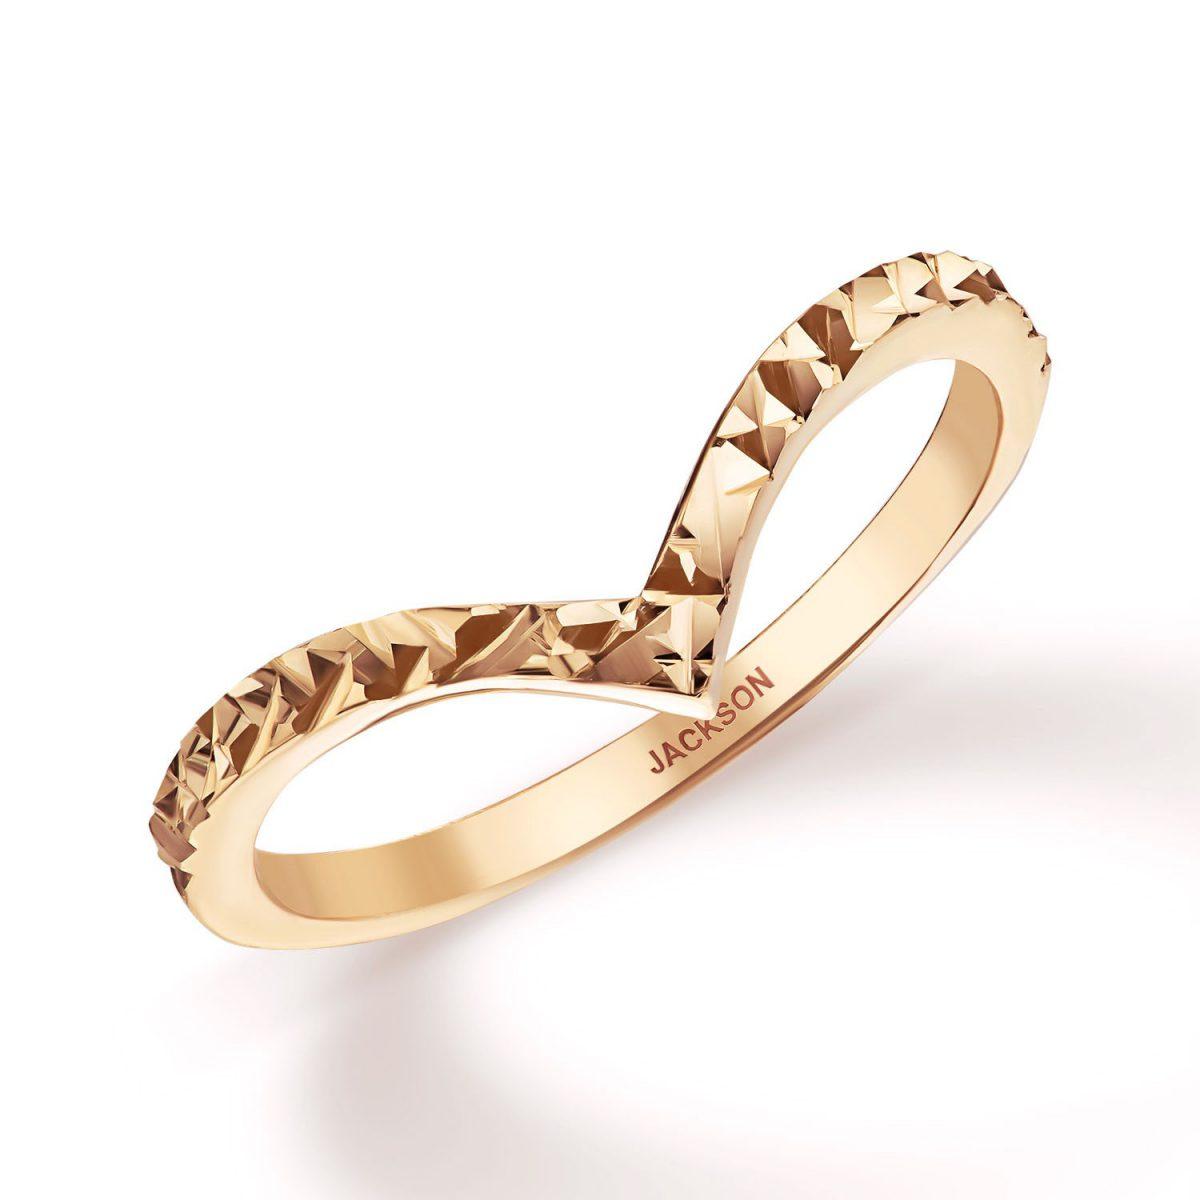 טבעת זהב - ויקי - זהב אדום